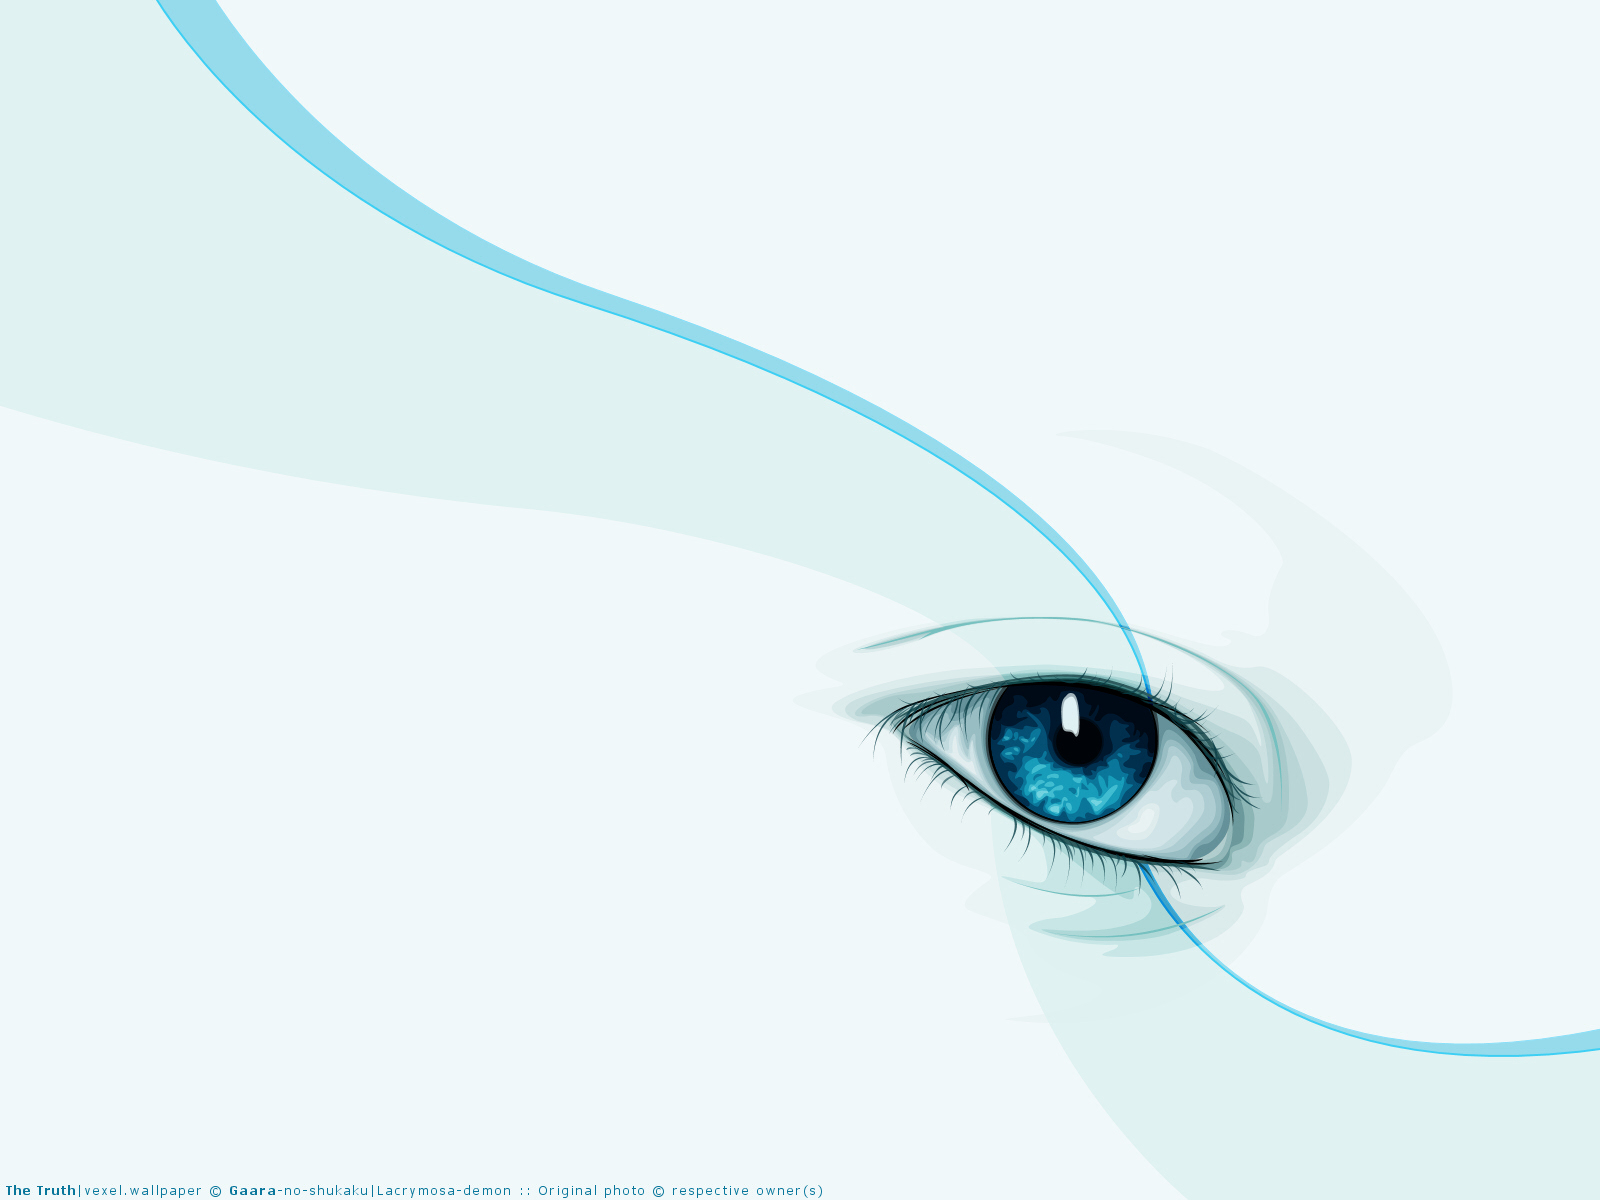 http://1.bp.blogspot.com/_euRtaEmNtFo/TFabBLf4lvI/AAAAAAAAA1c/BUxjTqXc42Q/s1600/thetruth1600x1200ub6.jpg